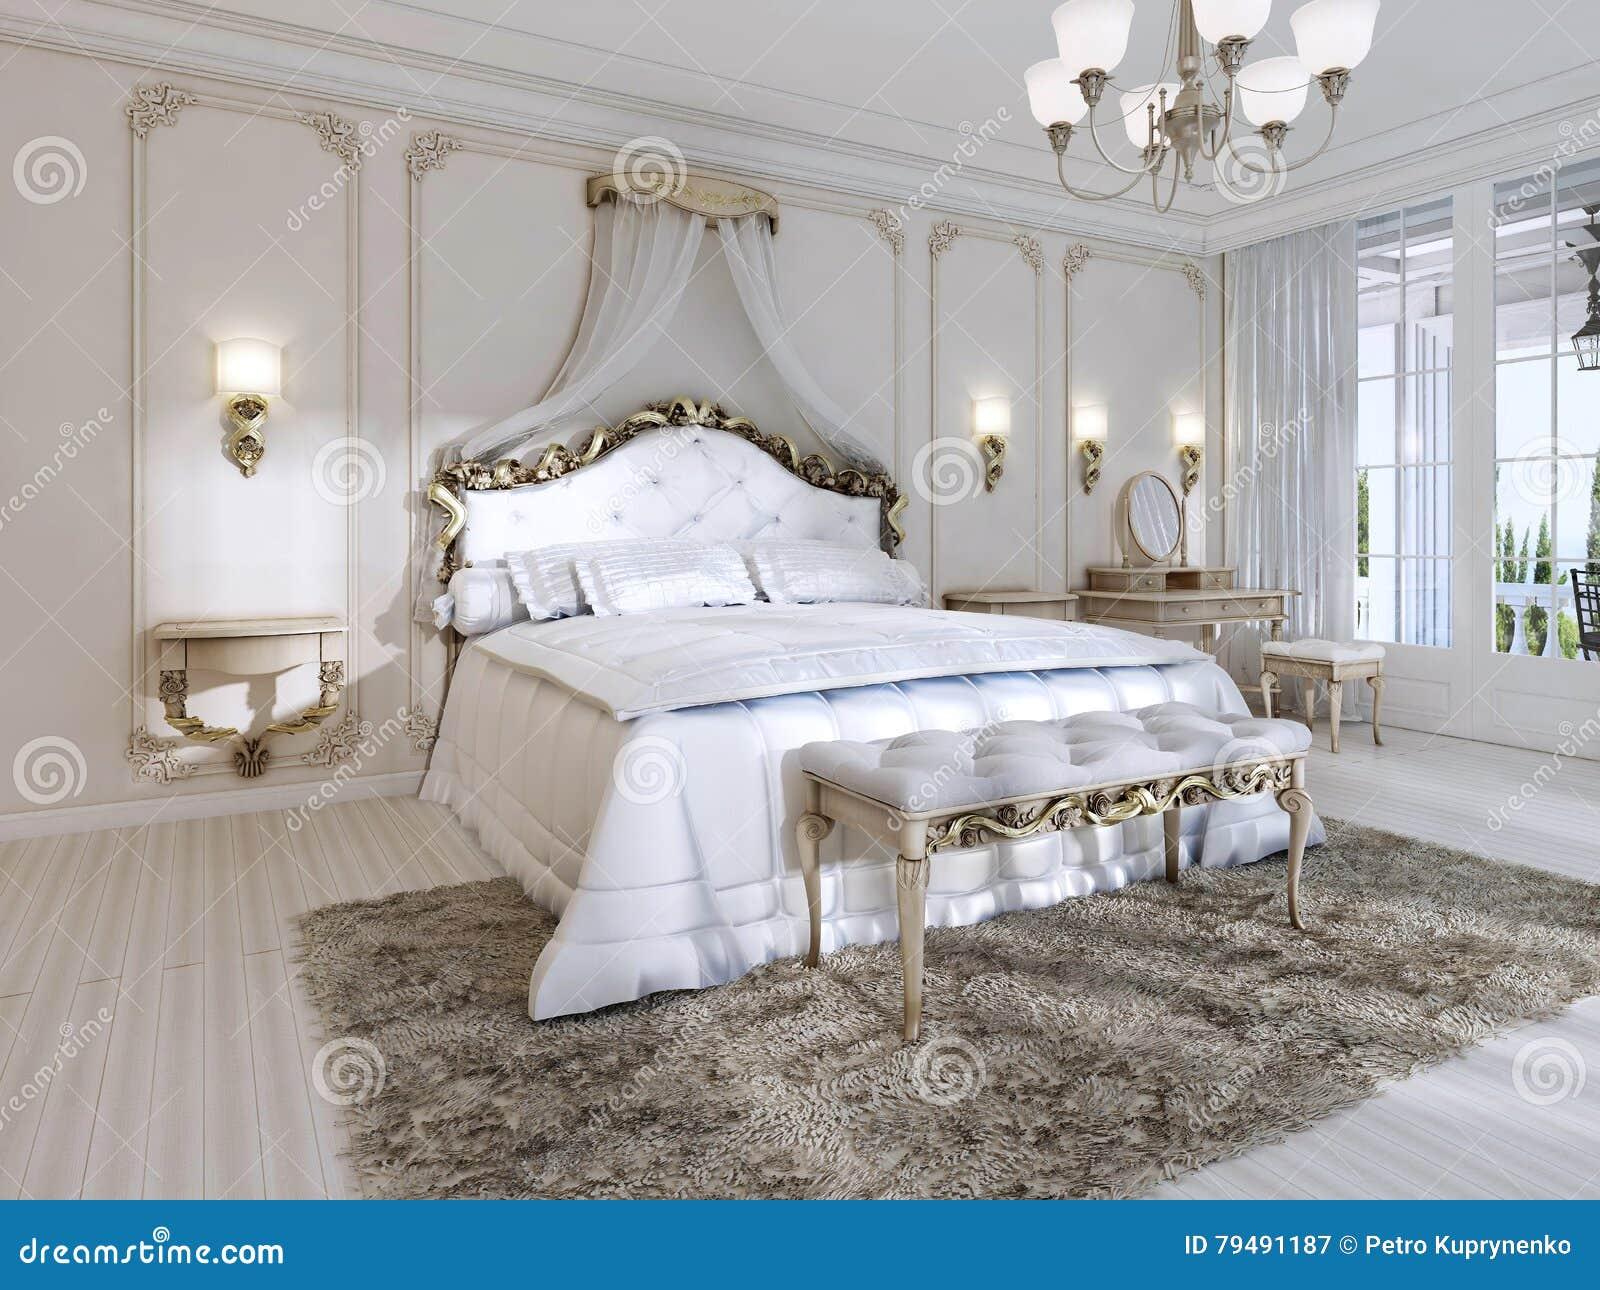 Luxuriöses Schlafzimmer In Den Weißen Farben In Einer Klassischen ...